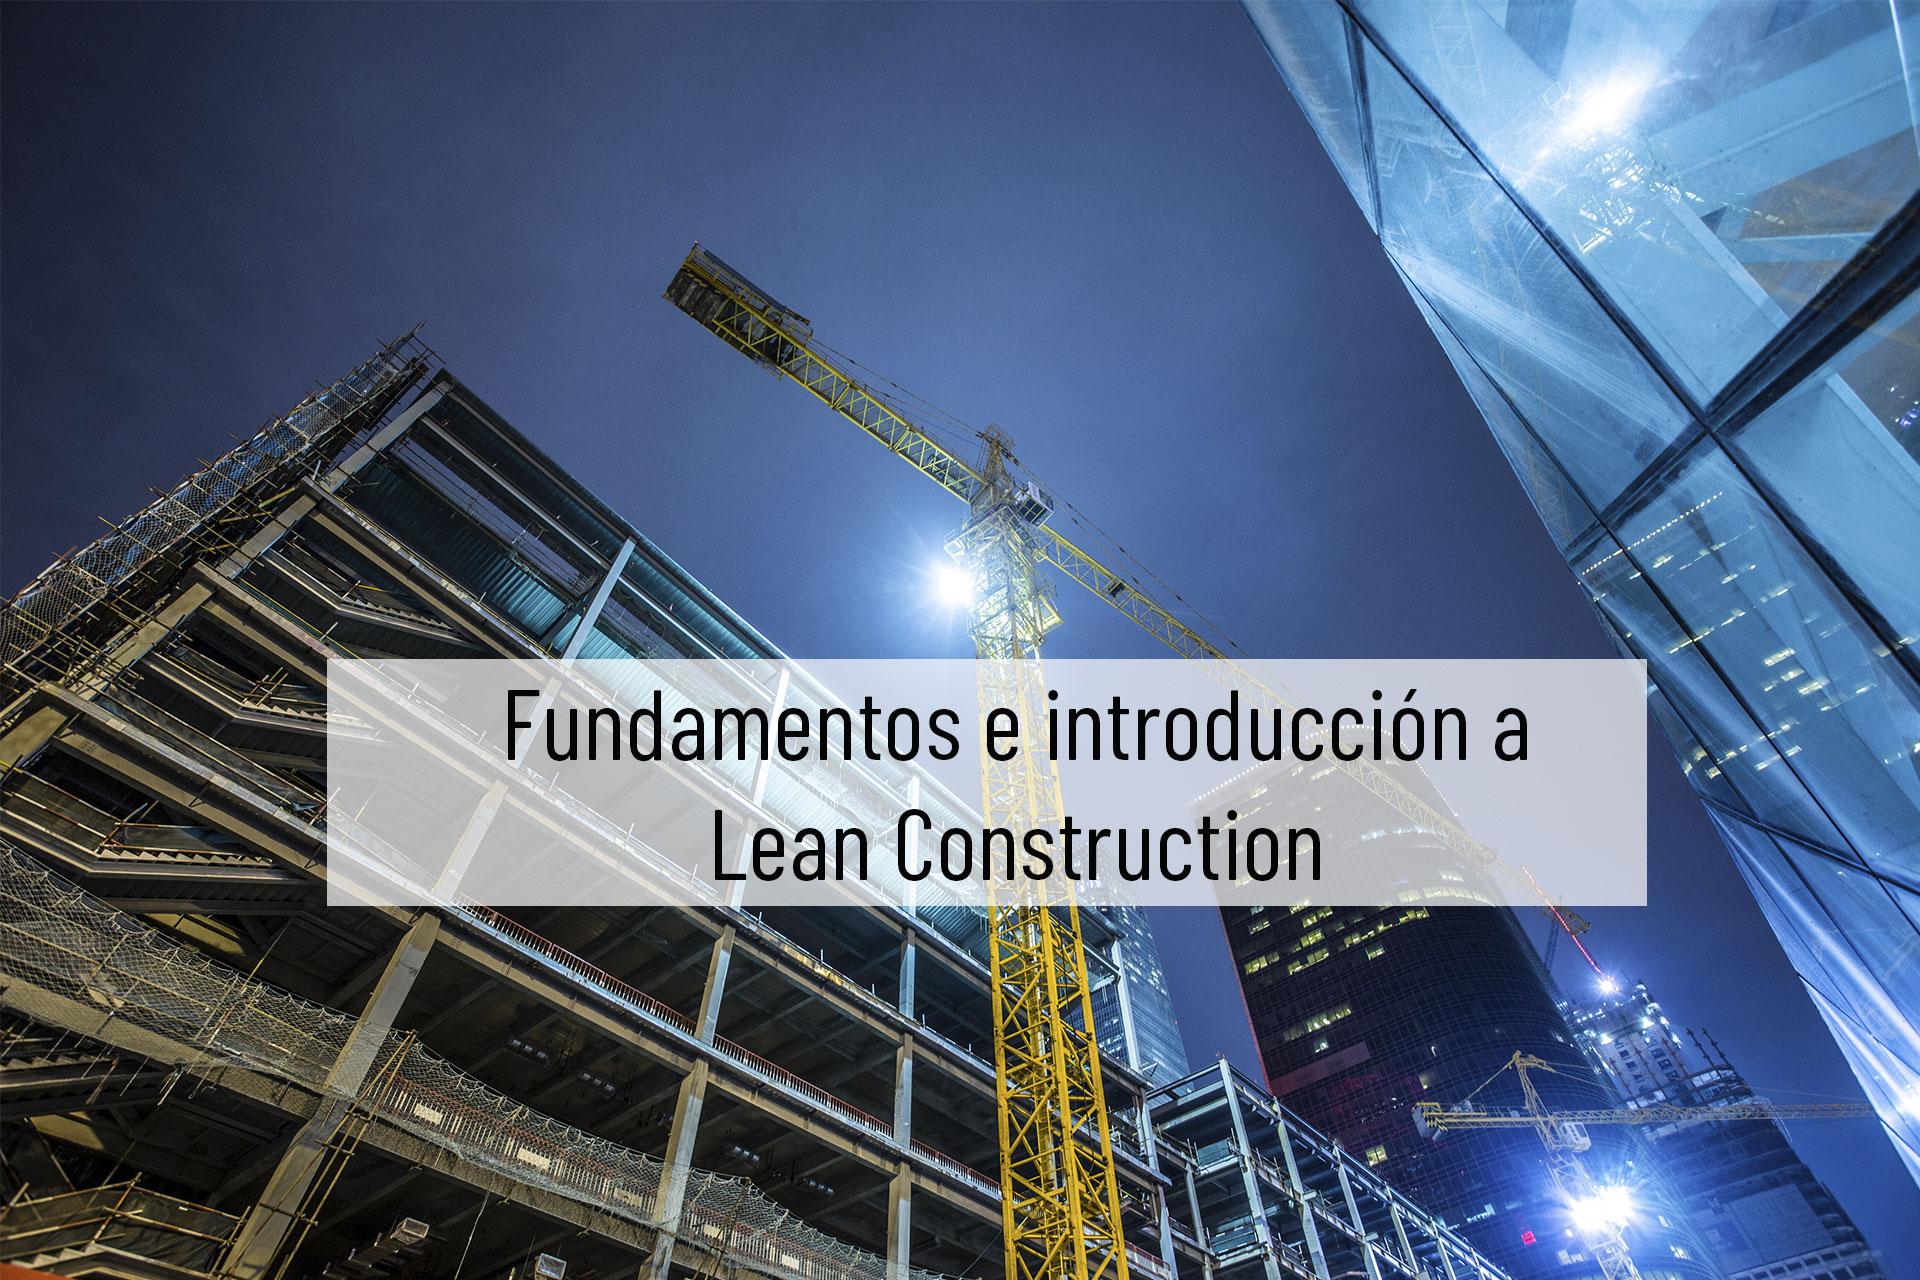 Fundamentos e introducción a Lean Construction